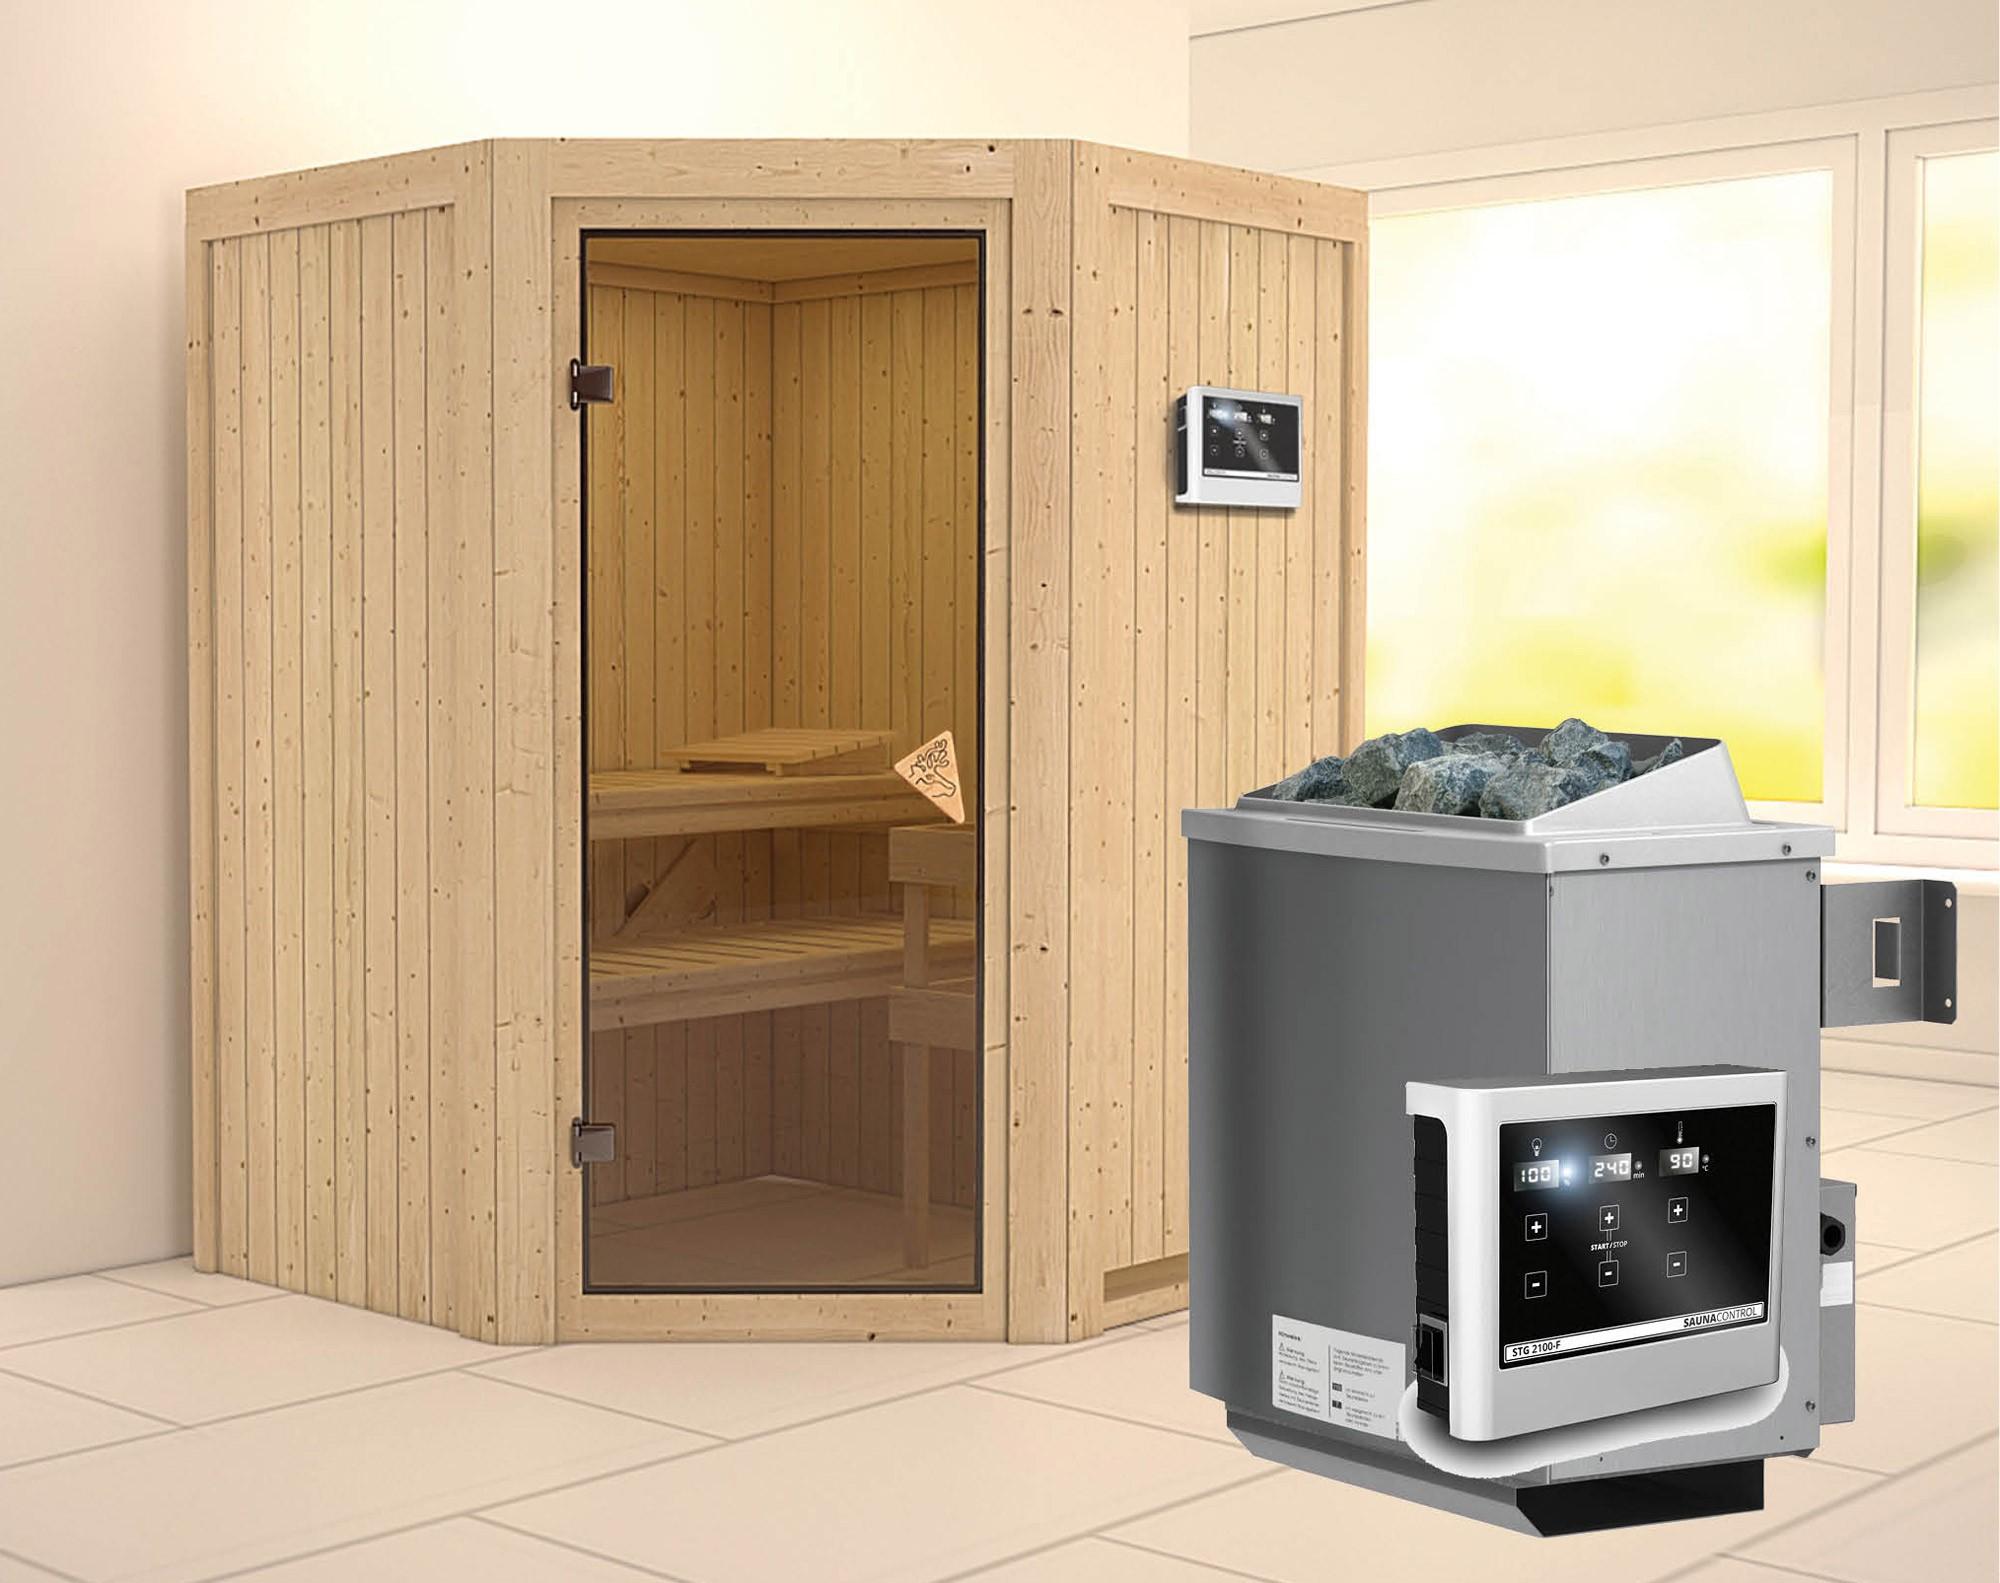 Karibu Sauna Larin 68mm mit Saunaofen 9kW extern classic Tür Bild 1